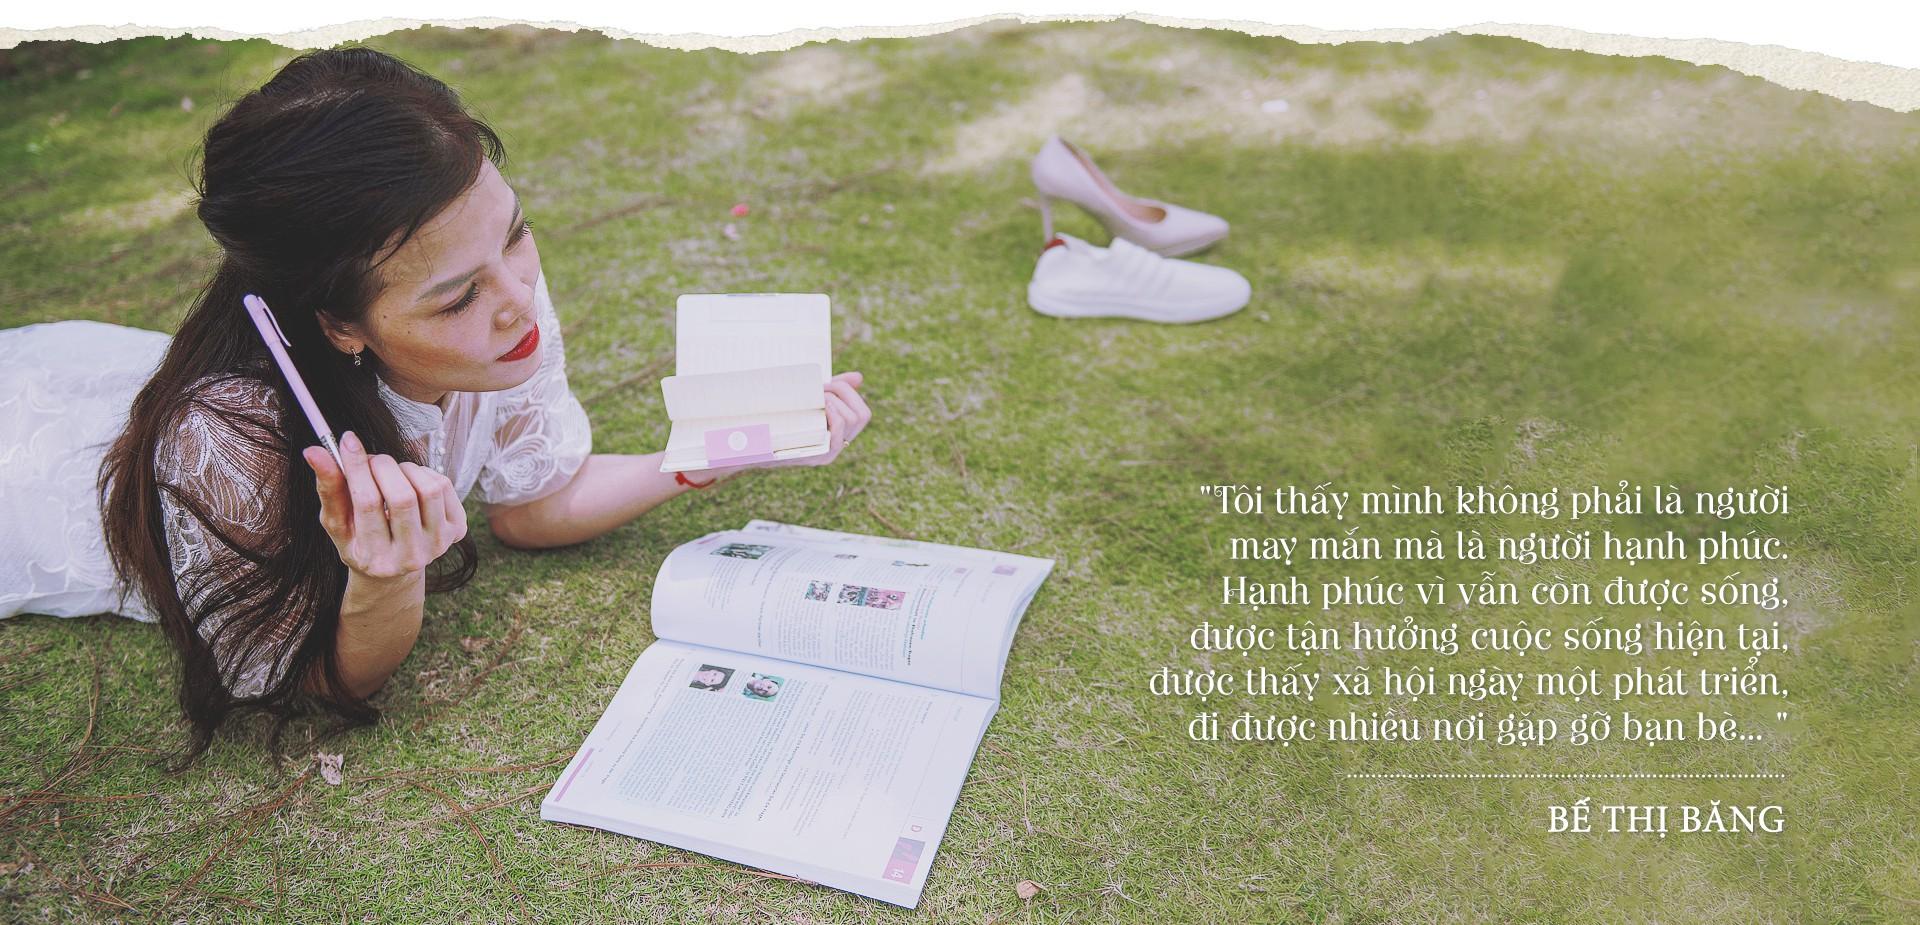 Cô gái múa một chân vượt lên chiếc bóng đời mình - Ảnh 5.